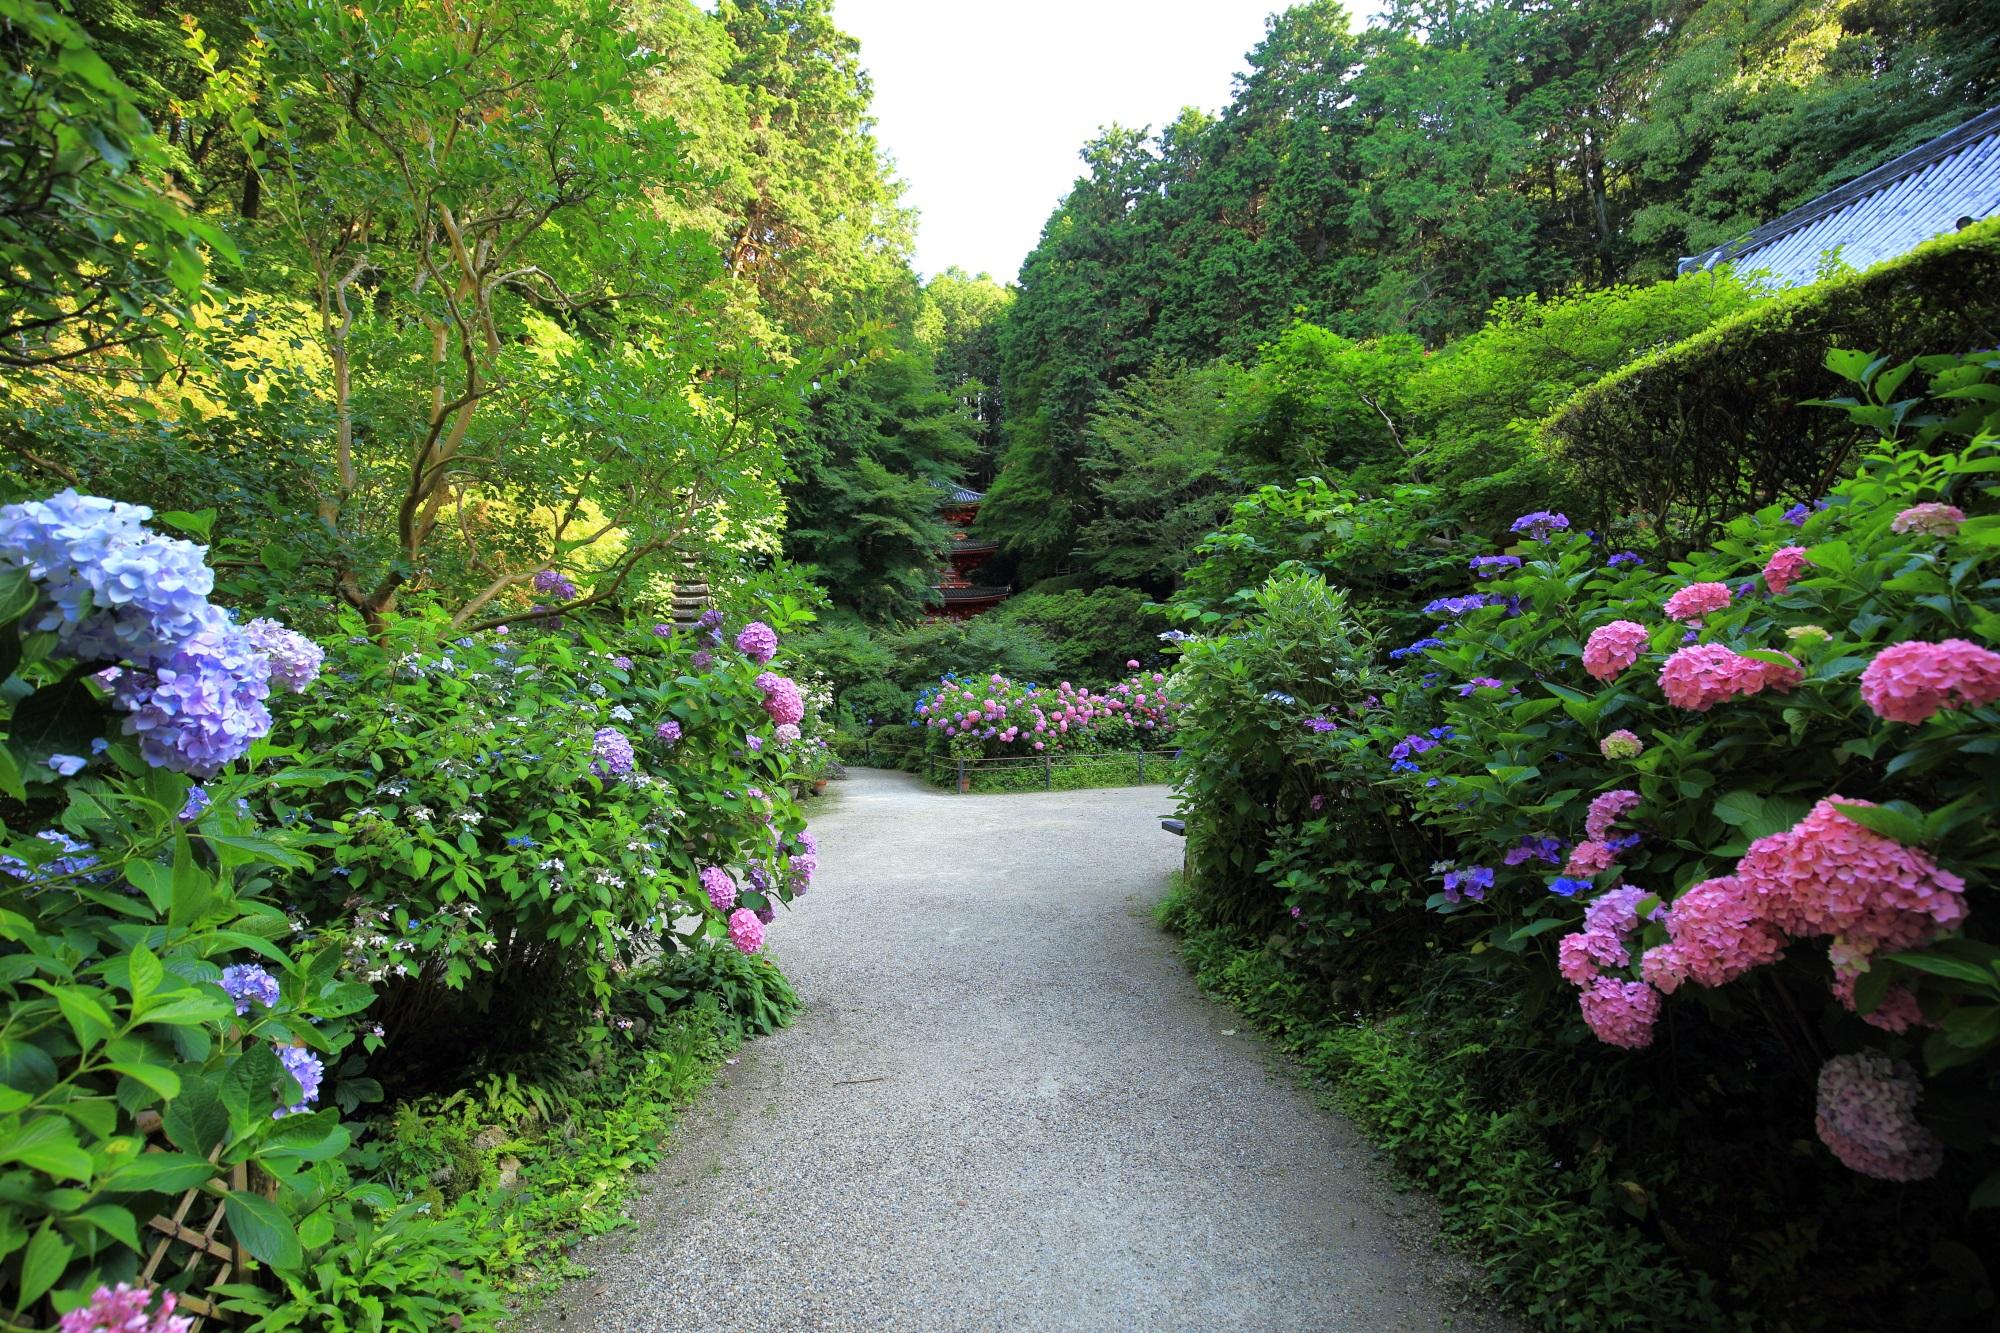 いきなり紫陽花がお出迎えする岩船寺(がんせんじ)の落ち着いた雰囲気の境内